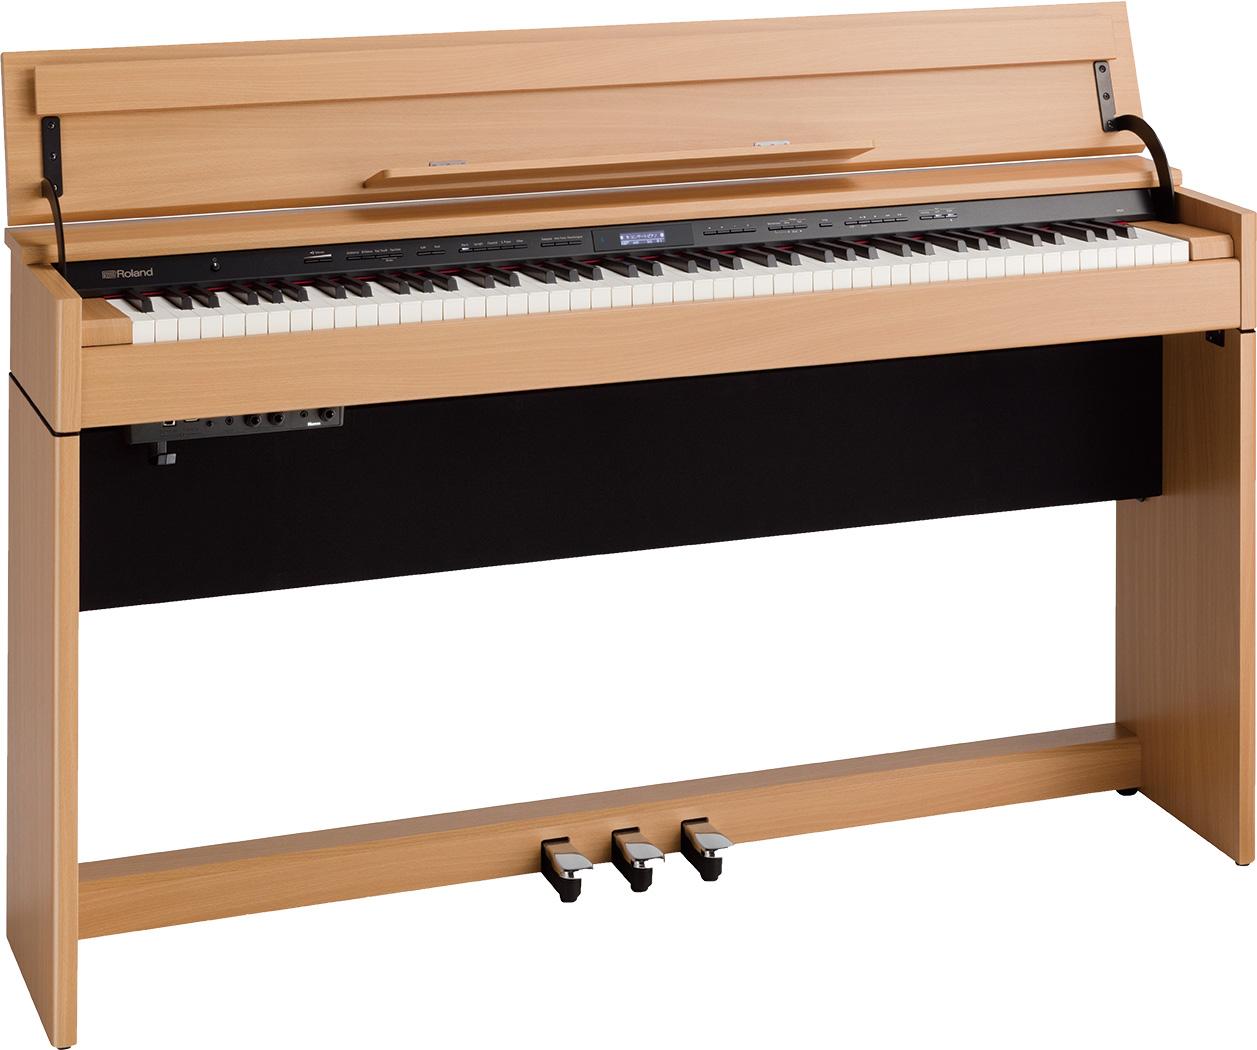 【全国組立設置無料】Roland ローランド / DP603 NBS ナチュラルビーチ調 電子ピアノ (DP-603)(DP603-NBS)【代引き不可】【YRK】【PTNB】